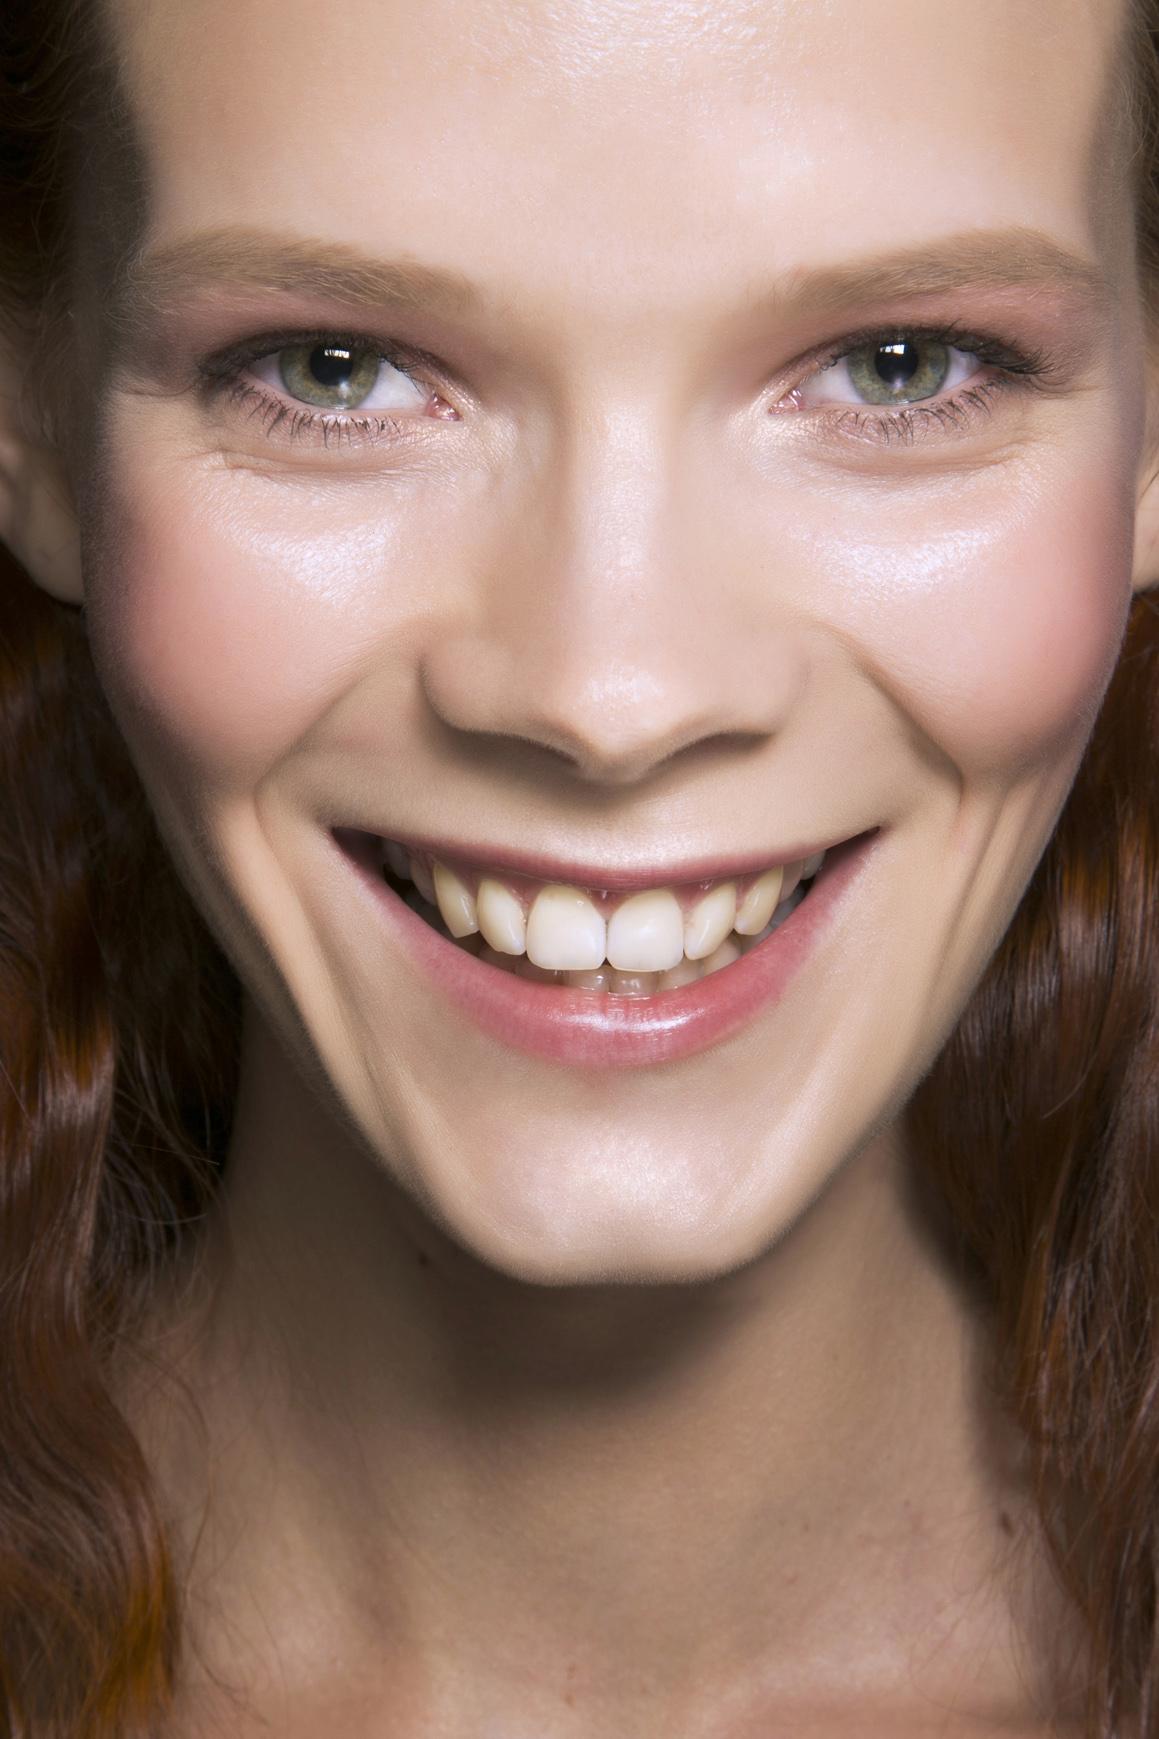 girl smiling wearing no makeup